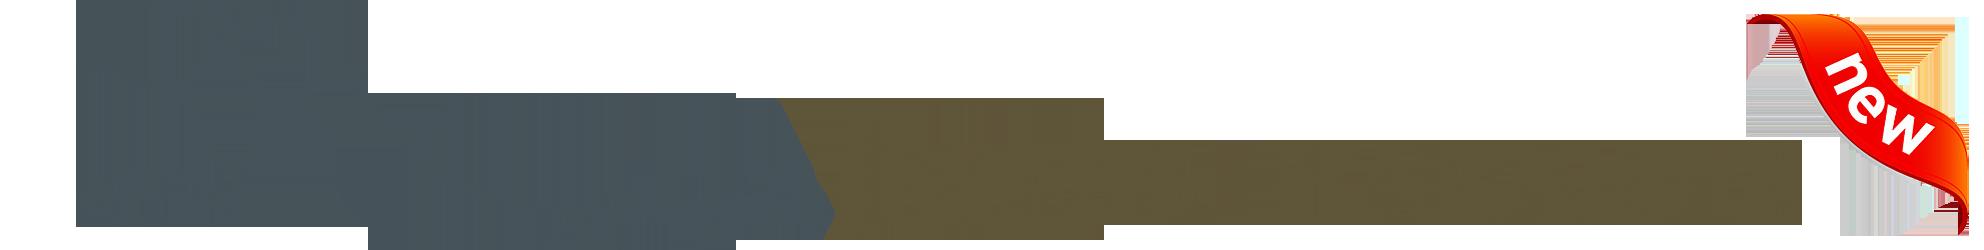 cropped-PiliPili-Beach-Cabanas-Logo